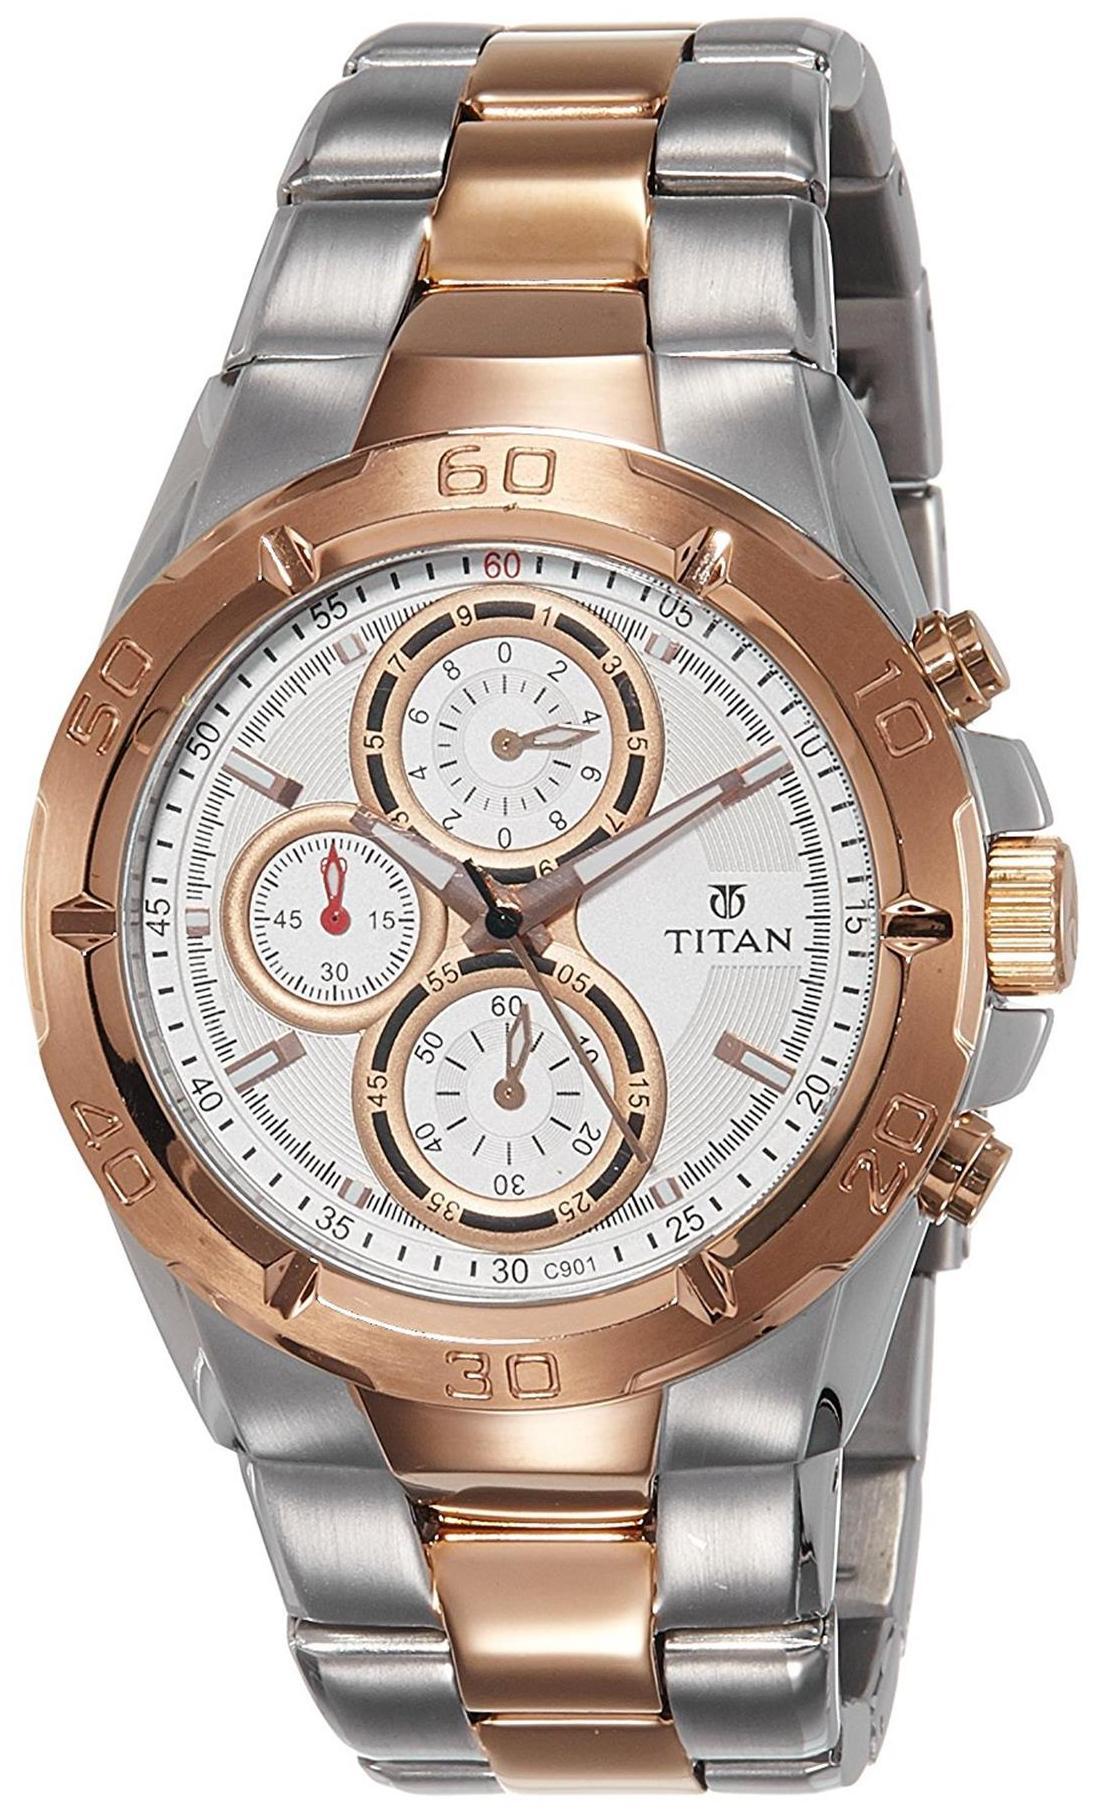 Titan Octane 9308Km01 Men Analog Watch by Watch Apeal